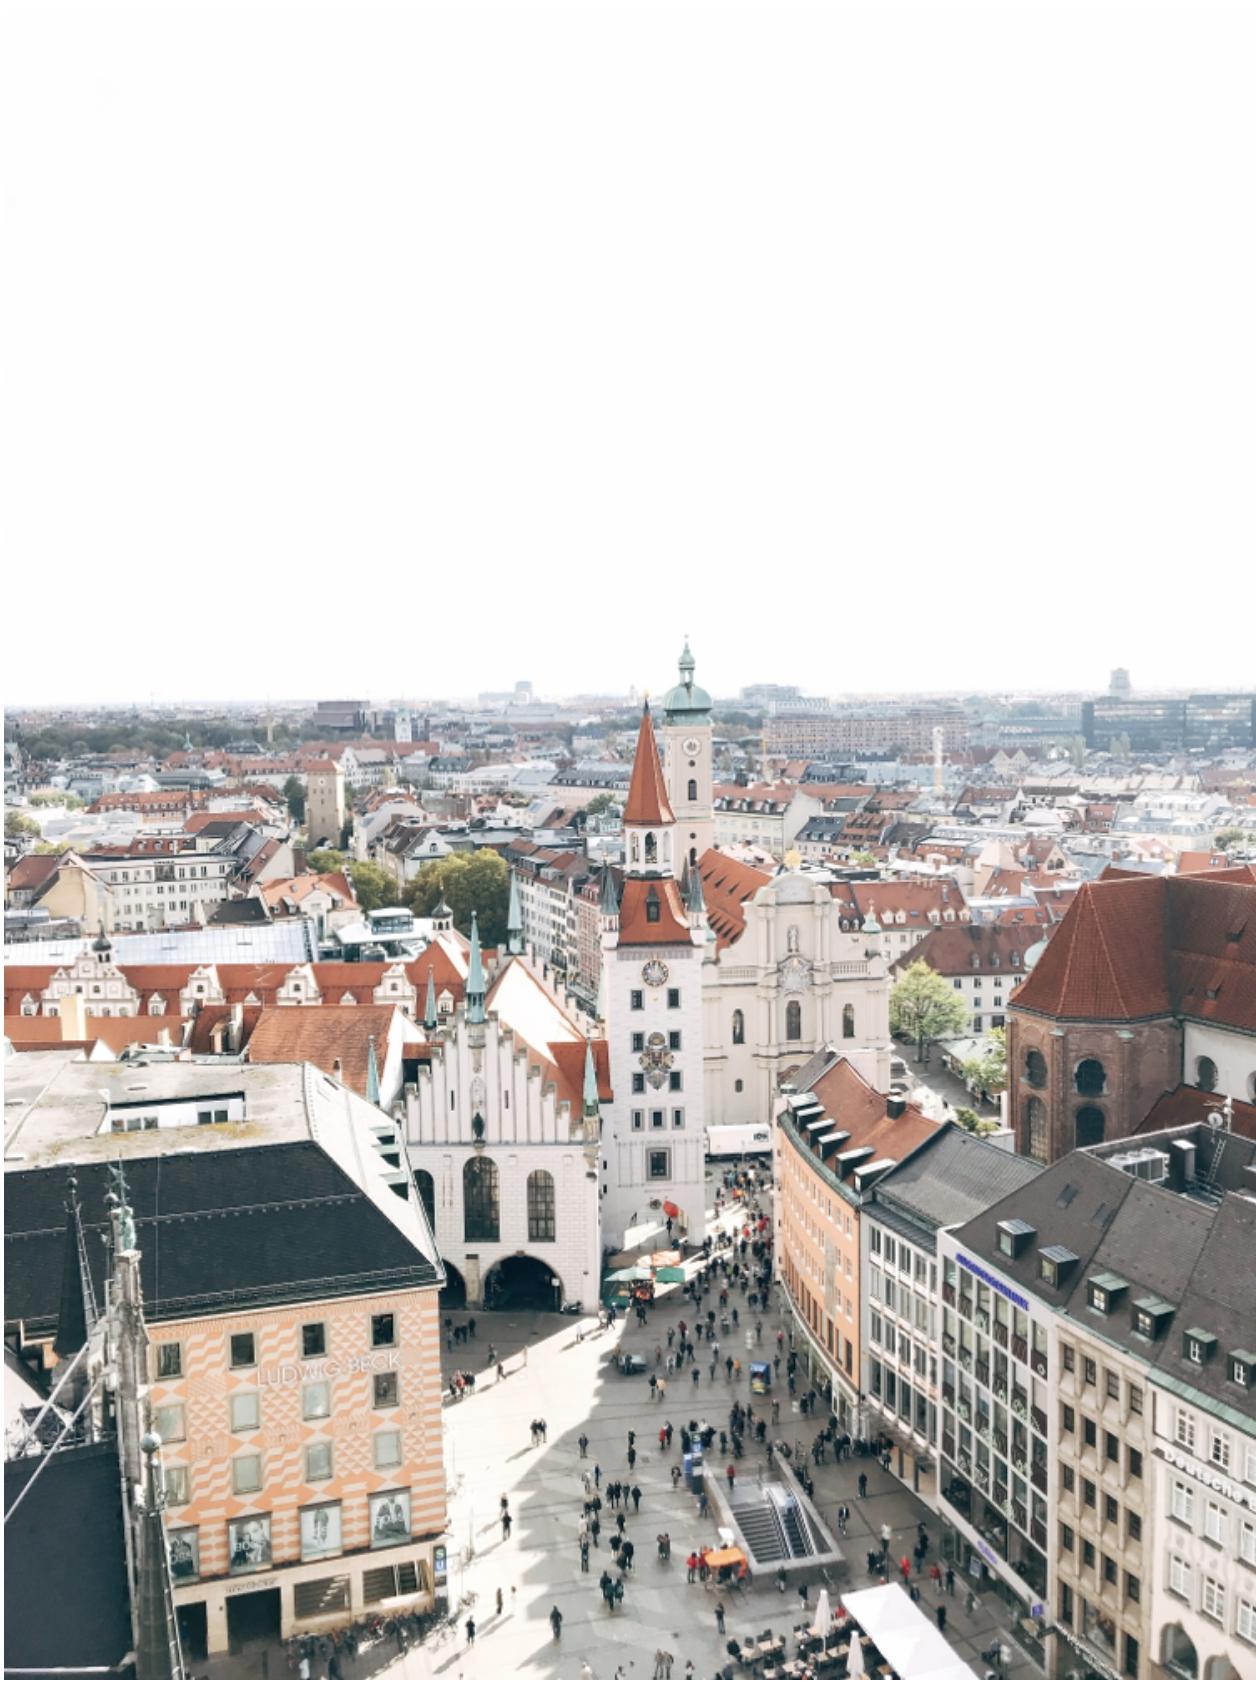 ミュンヘン市内観光中 新市庁舎からの眺め